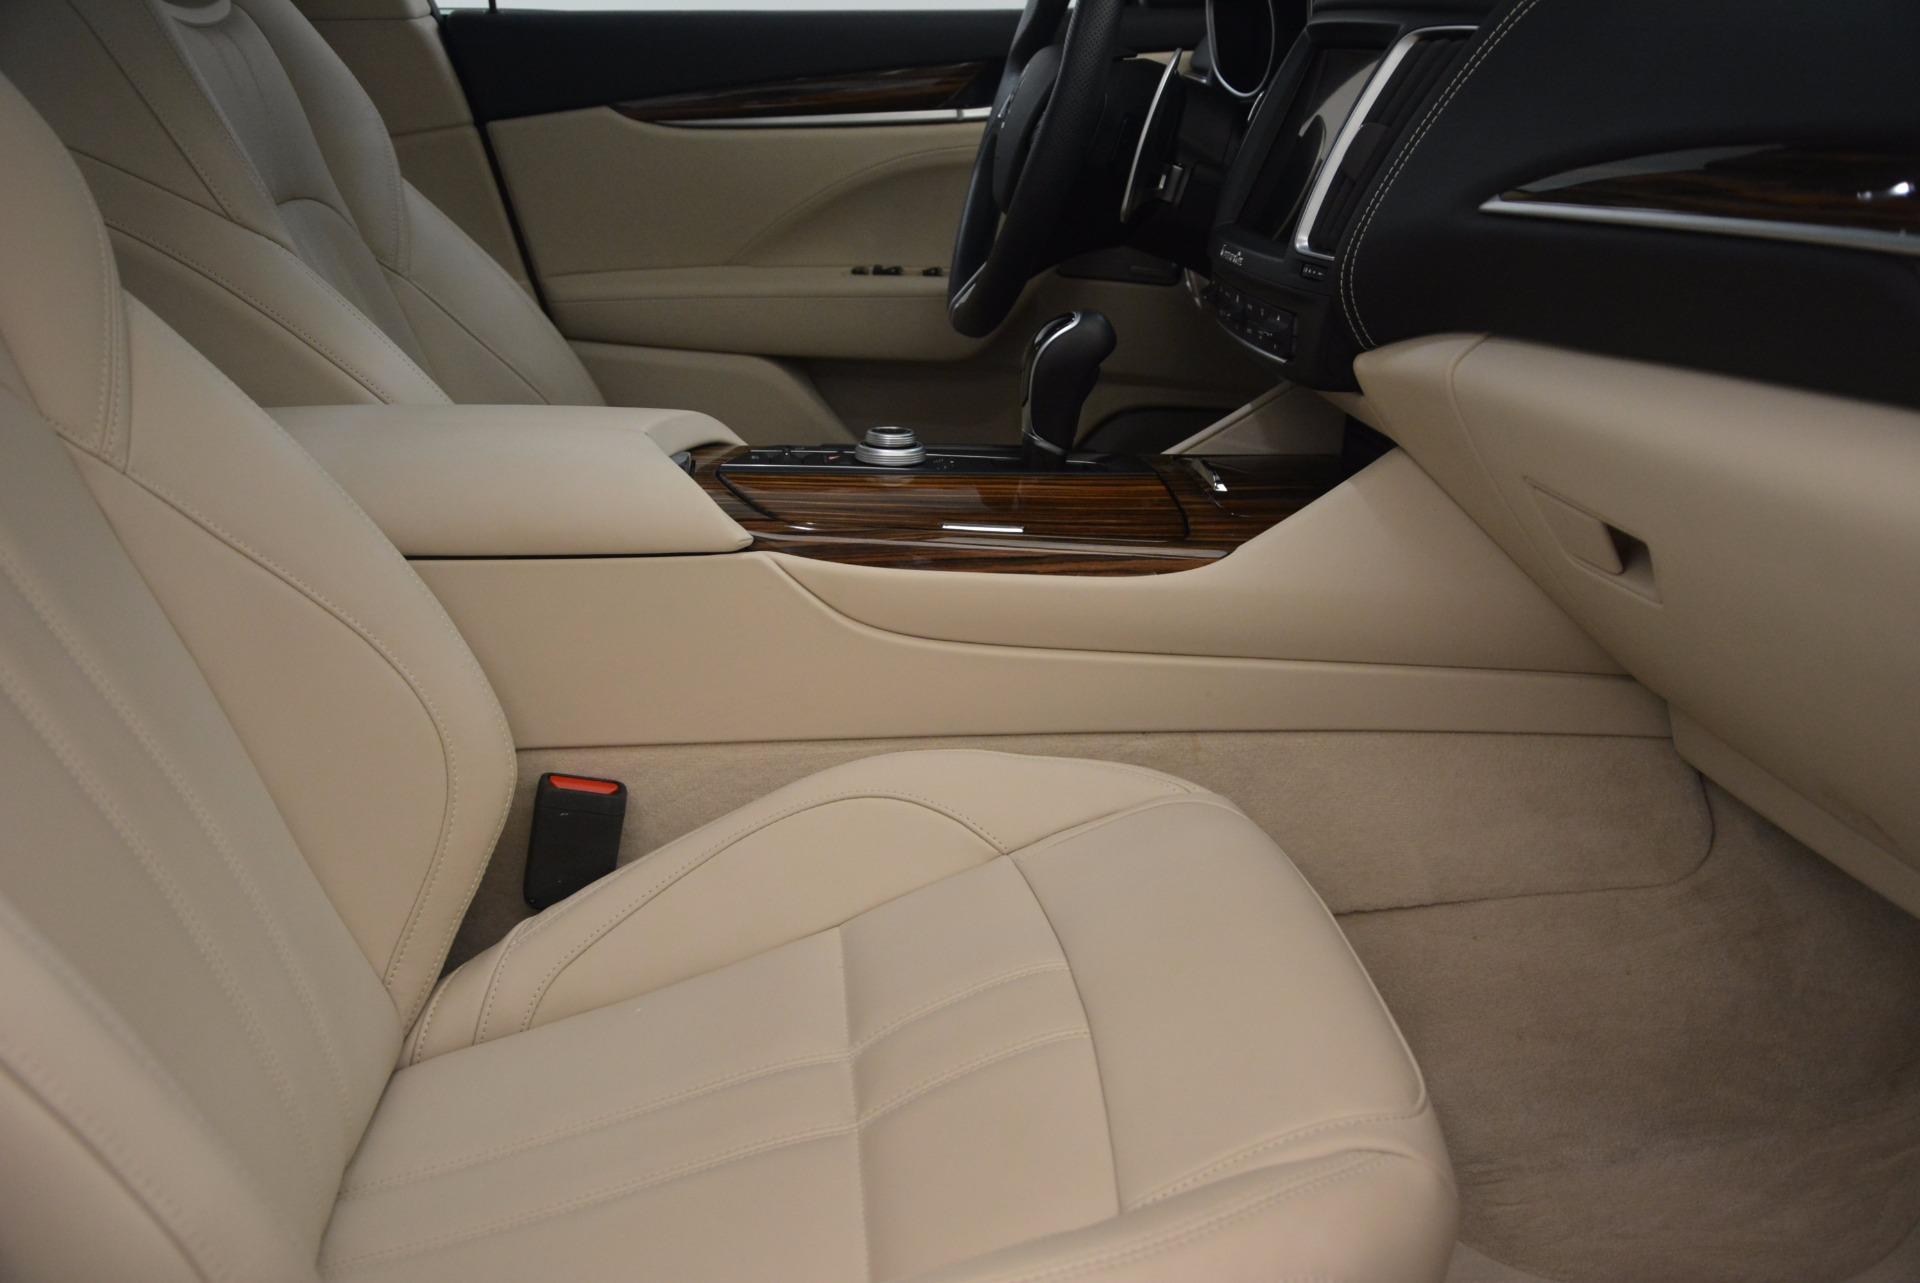 Used 2017 Maserati Levante S For Sale In Greenwich, CT. Alfa Romeo of Greenwich, 7255 1463_p20